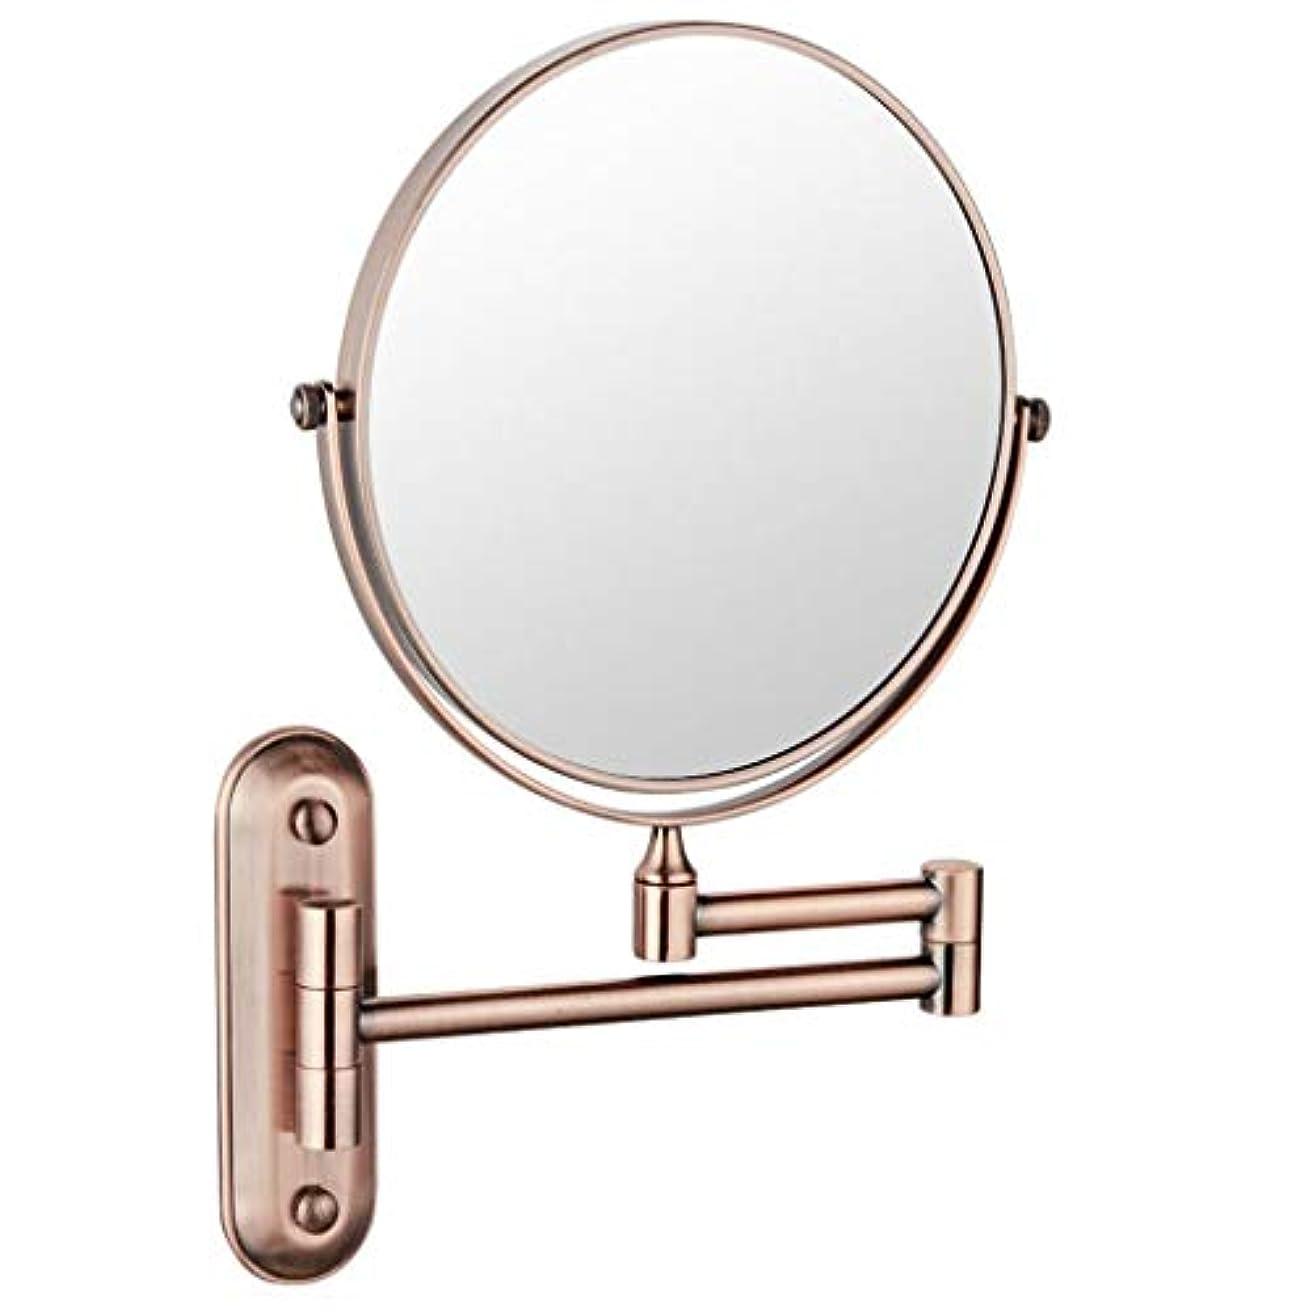 幻滅する旅行豆HUYYA シェービングミラー 壁付、バスルームメイクアップミラー 6インチ360度回転 化粧鏡 両面 バニティミラー 丸め 寝室や浴室に適しています,Rose gold_3x